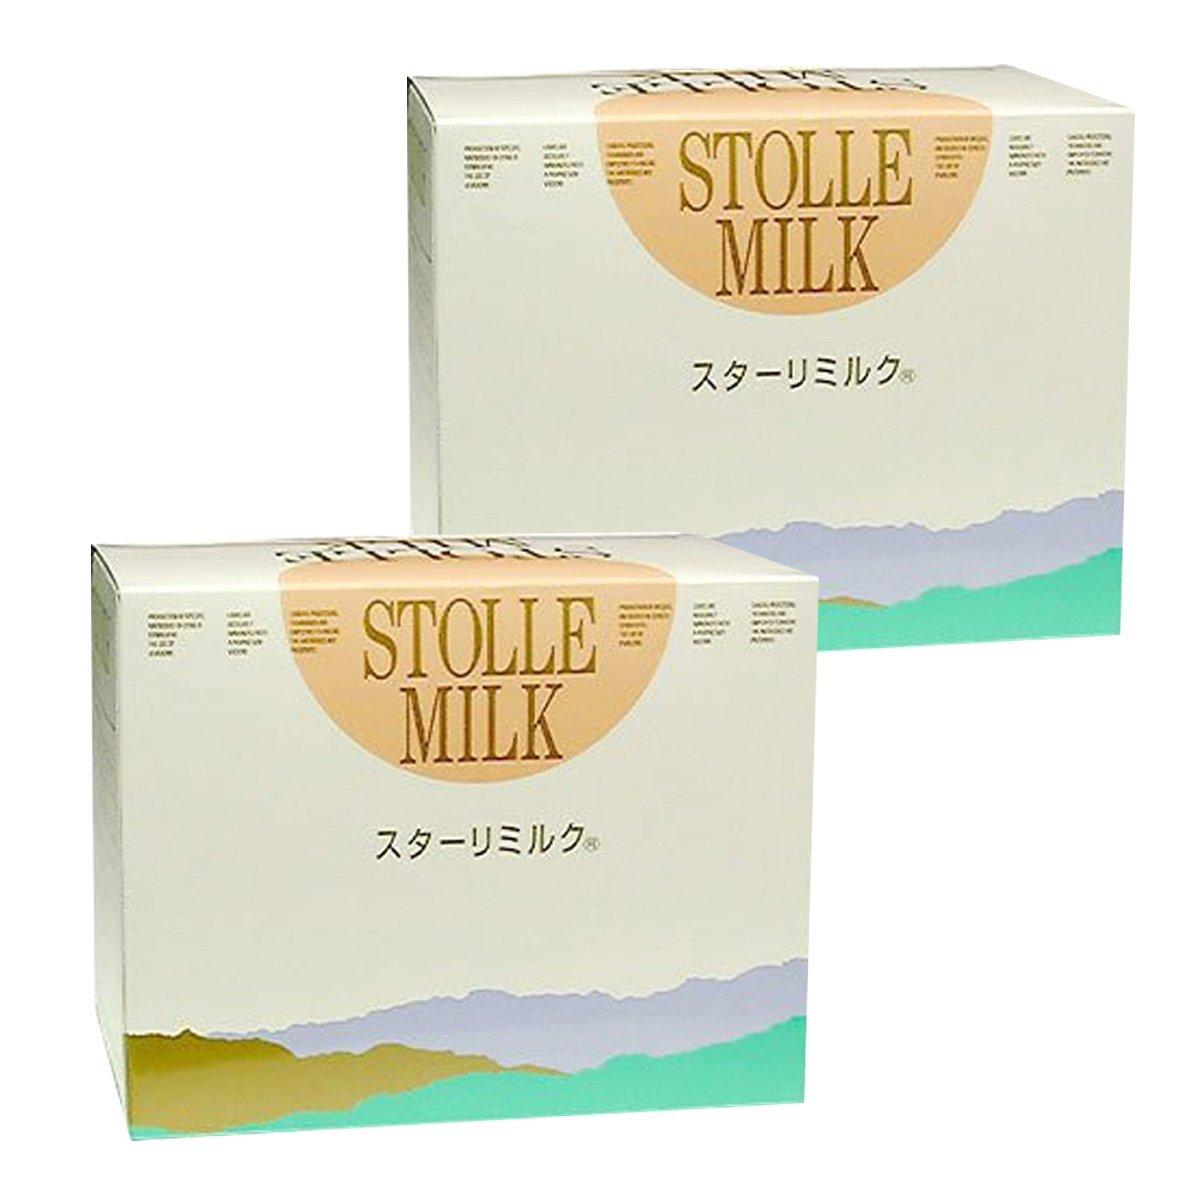 【送料無料】スターリミルク (20g×32袋) お得な2箱まとめ買い